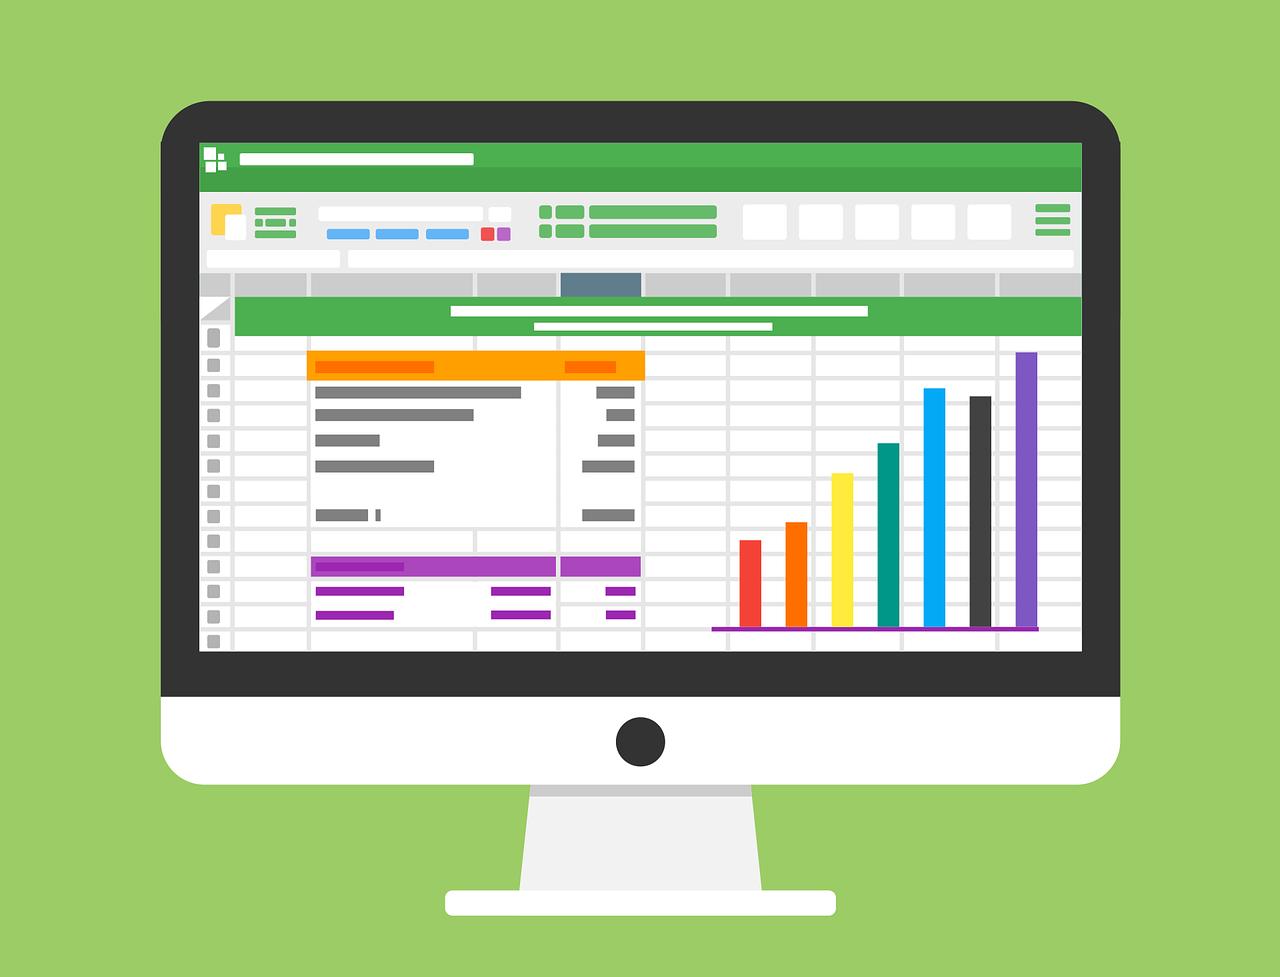 Excelでガントチャートを作る!